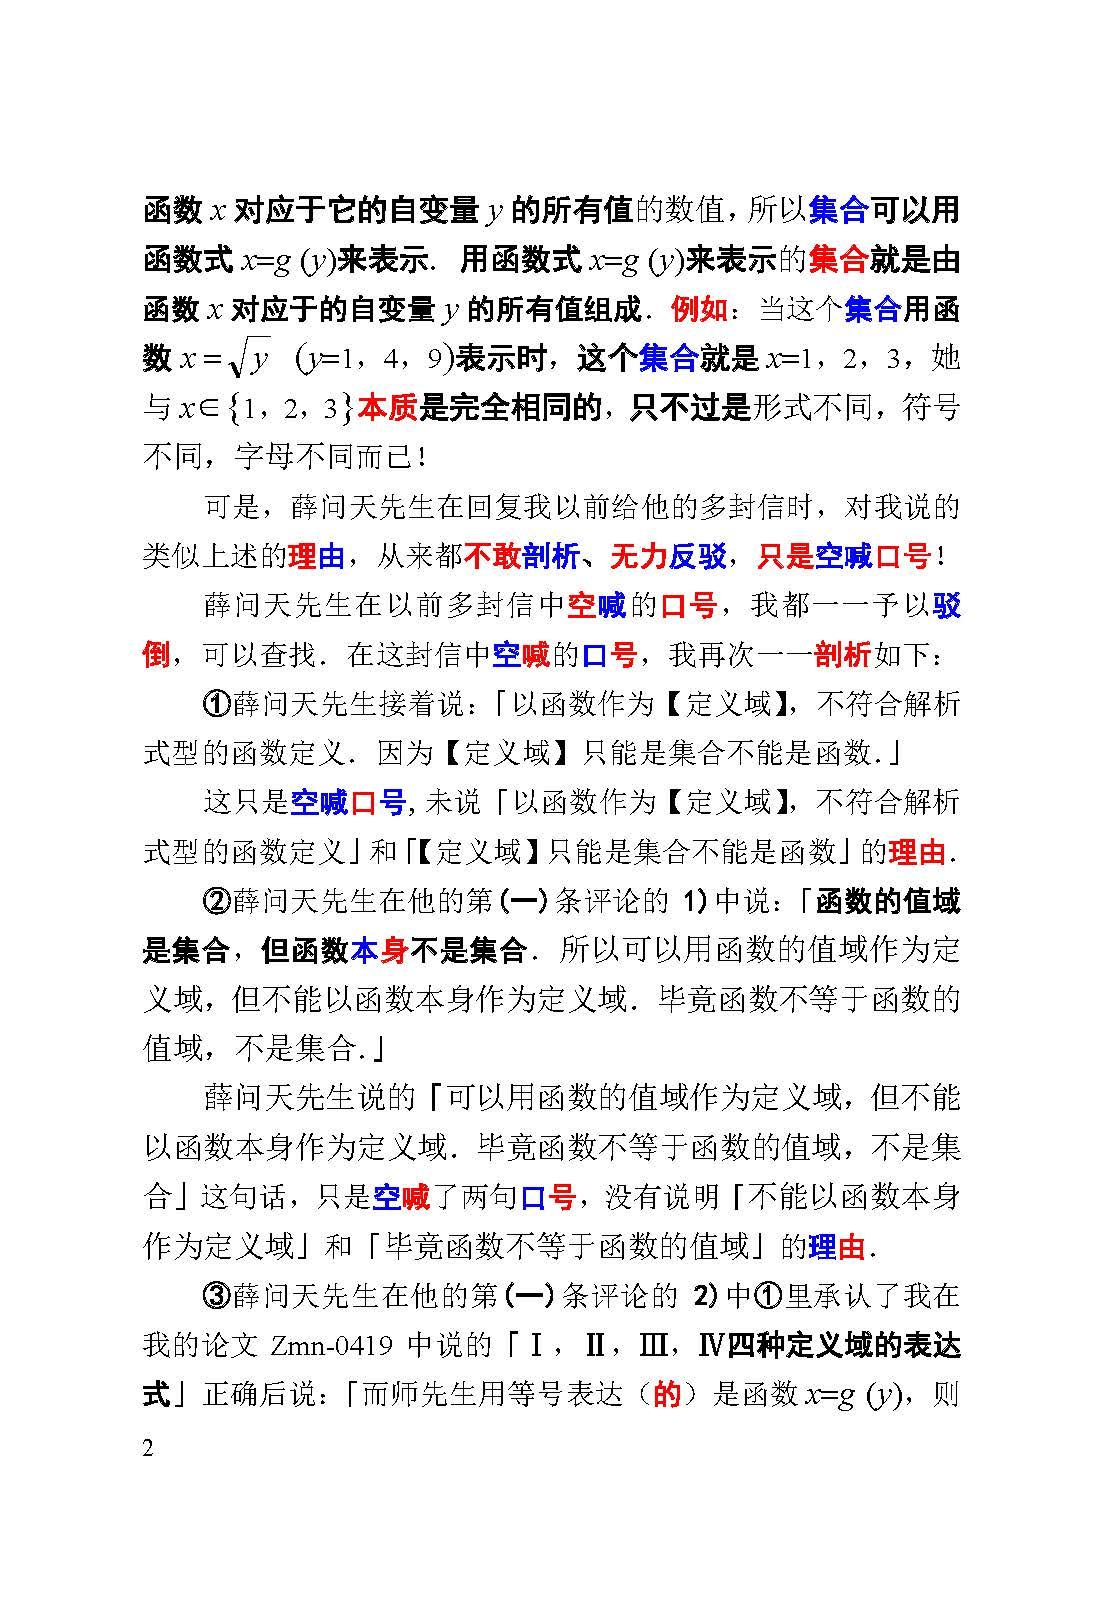 评薛问天先生的文章0428_页面_02.jpg